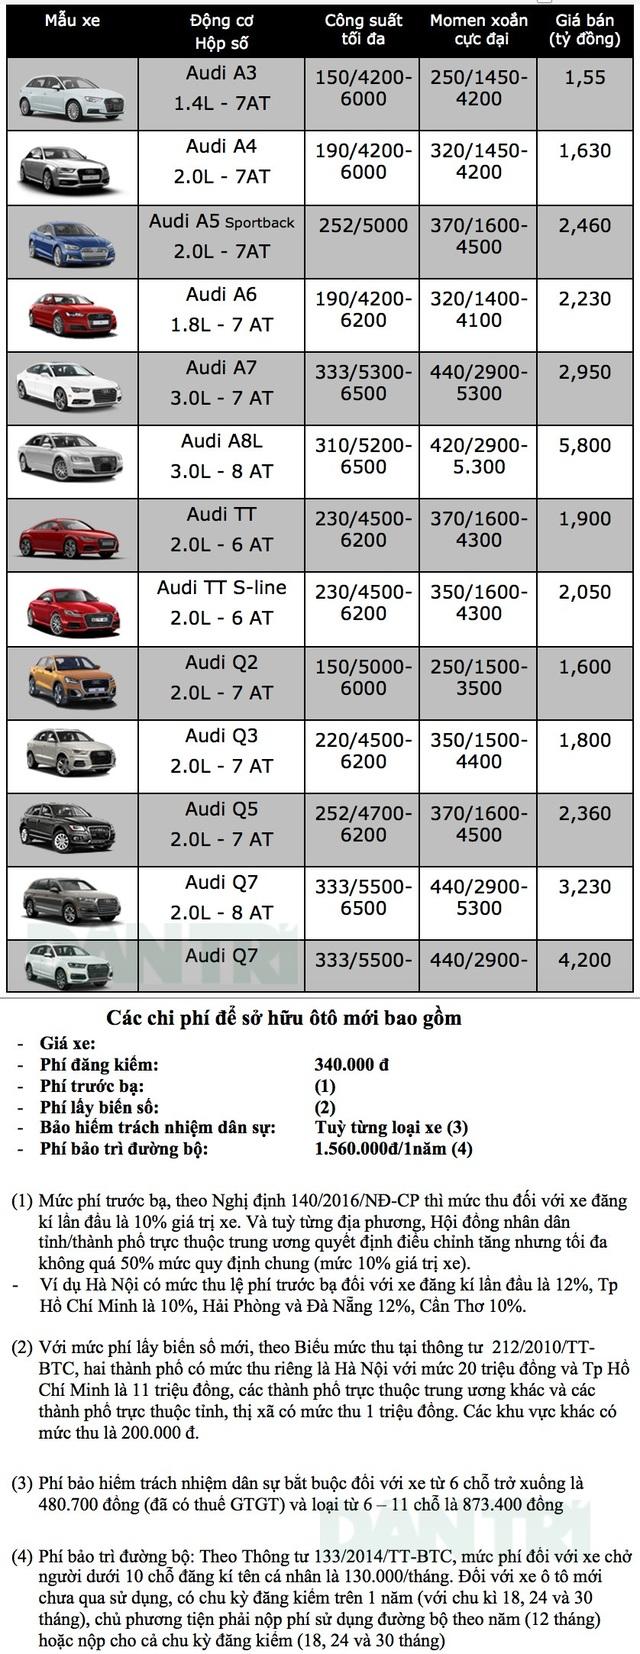 Bảng giá xe Audi tại Việt Nam cập nhật tháng 9/2018 - 1